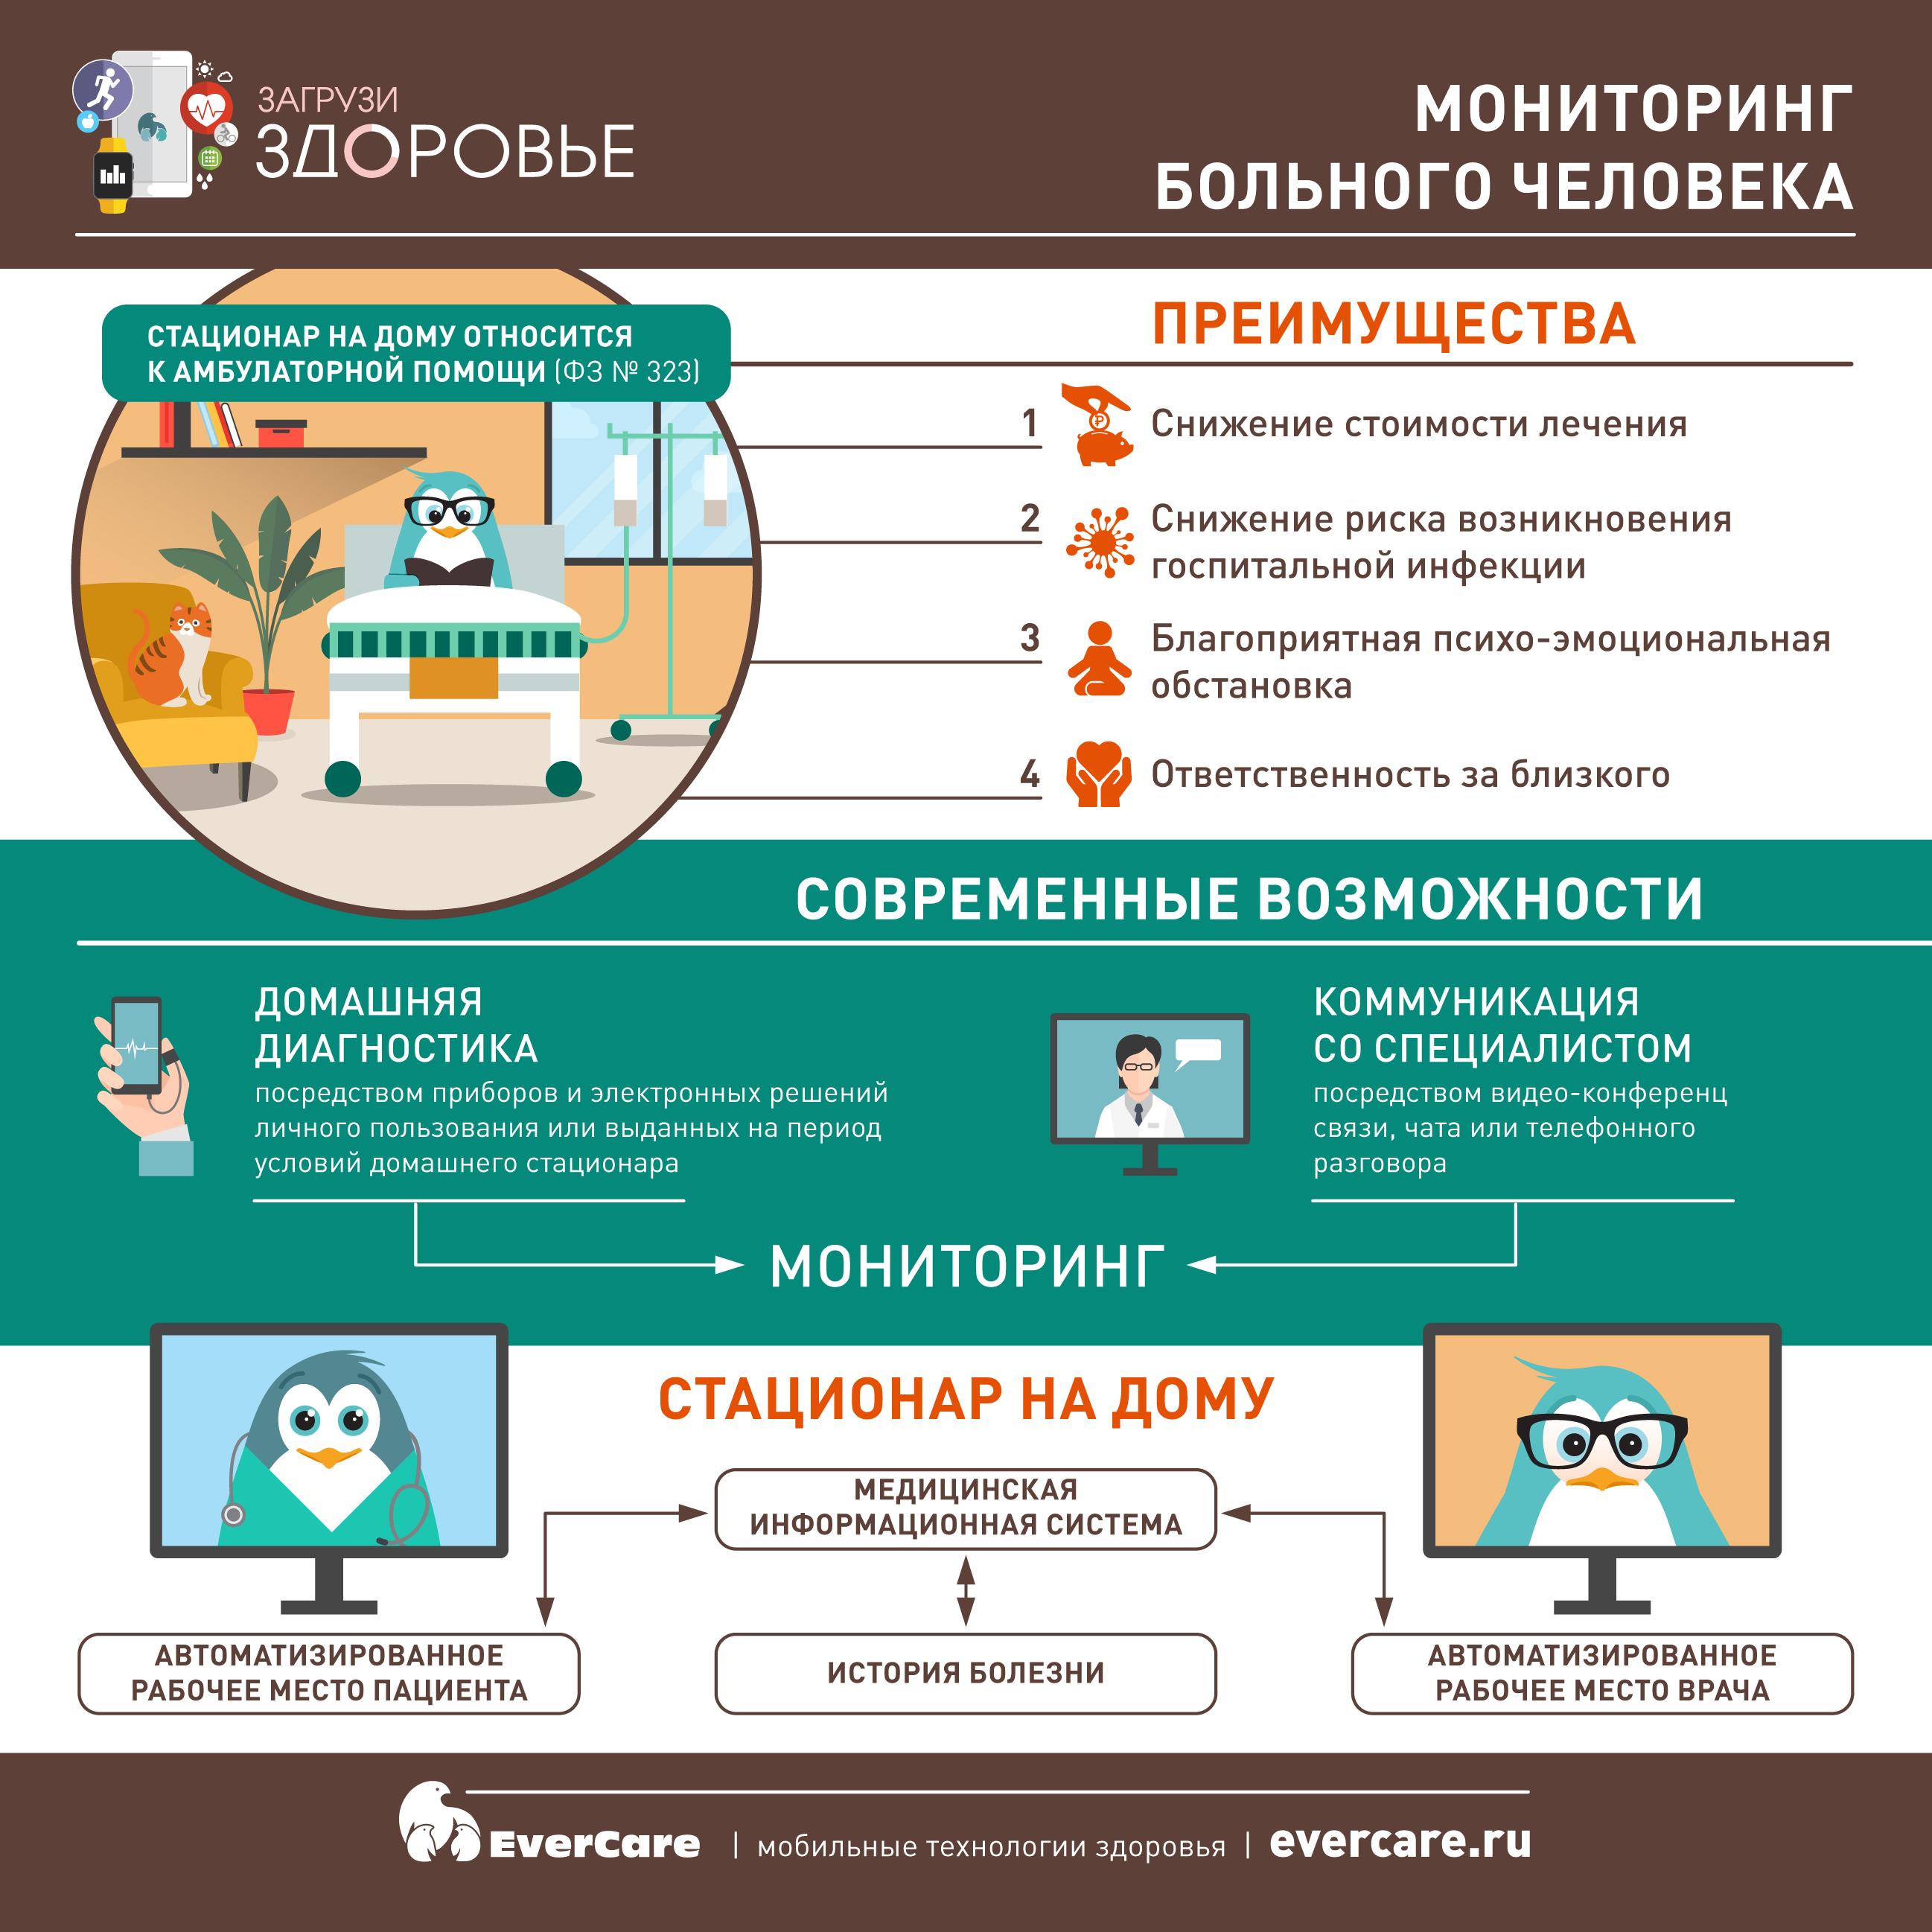 Мониторинг больного человека. Стационар на дому, Инфографика